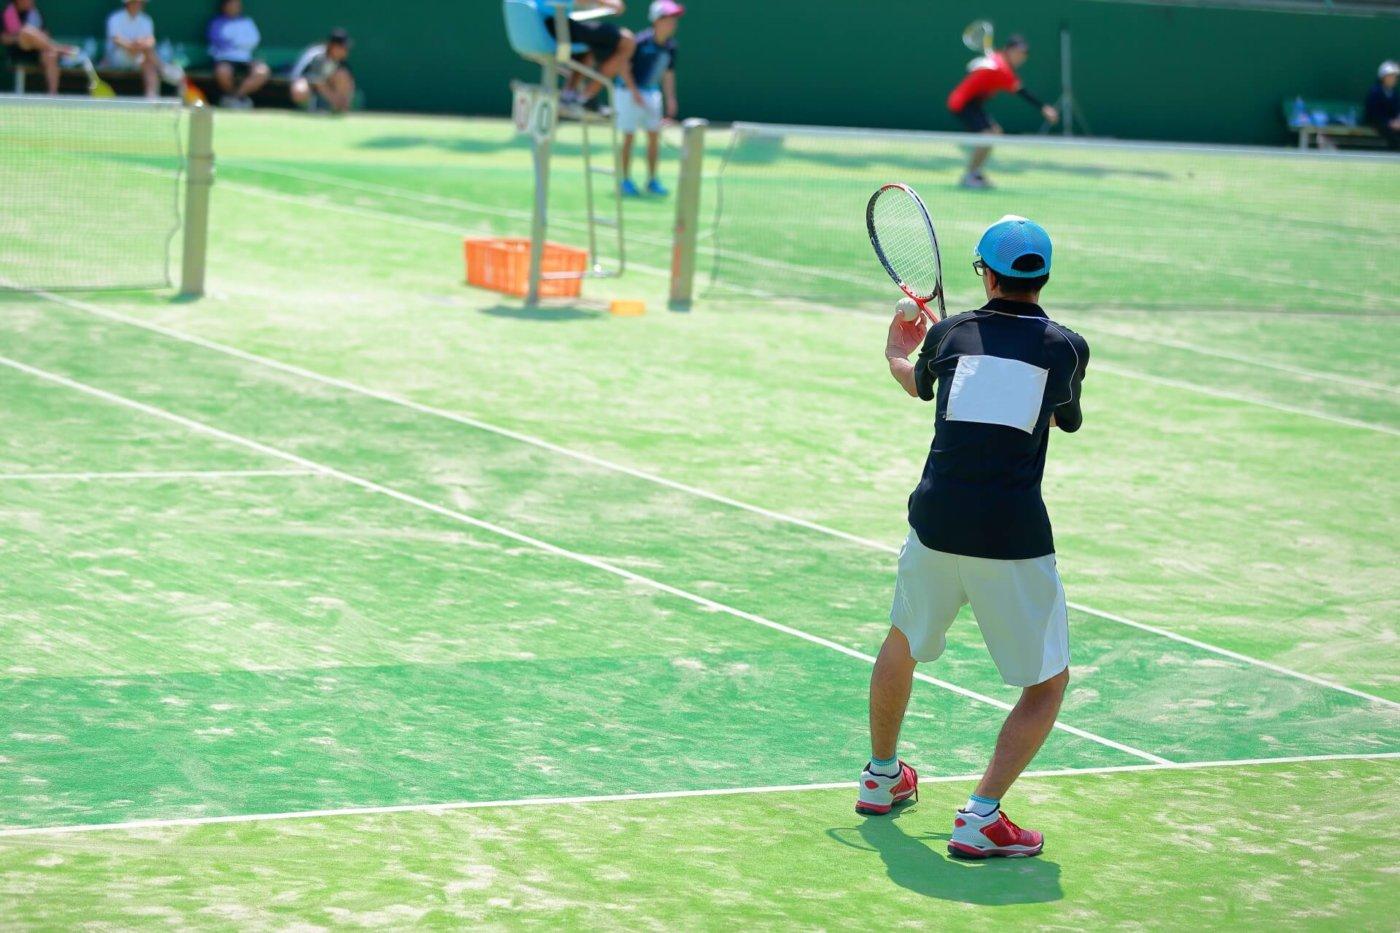 テニスのタイブレーク